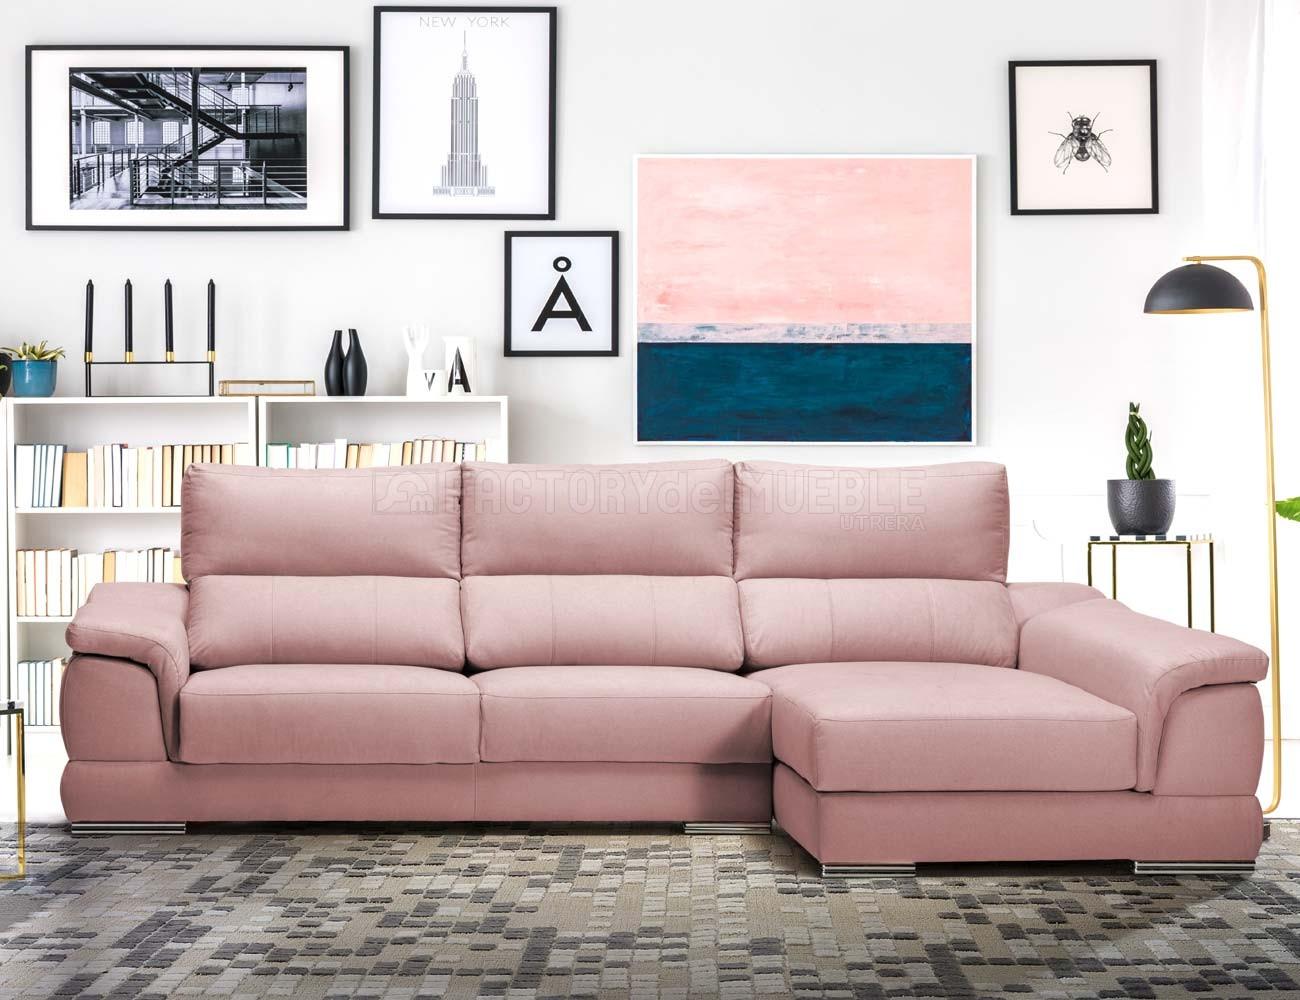 Sofa chaiselongue baku